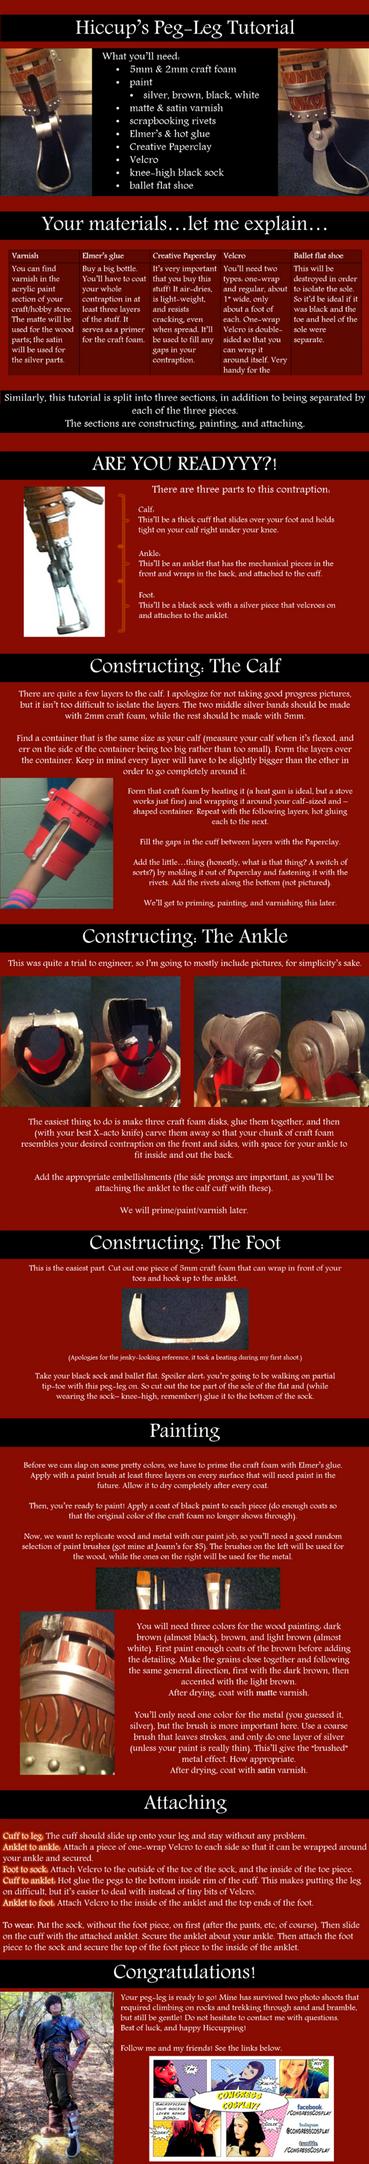 Hiccup's Peg-Leg/False Foot Cosplay Tutorial by oOPrincessLinkOo